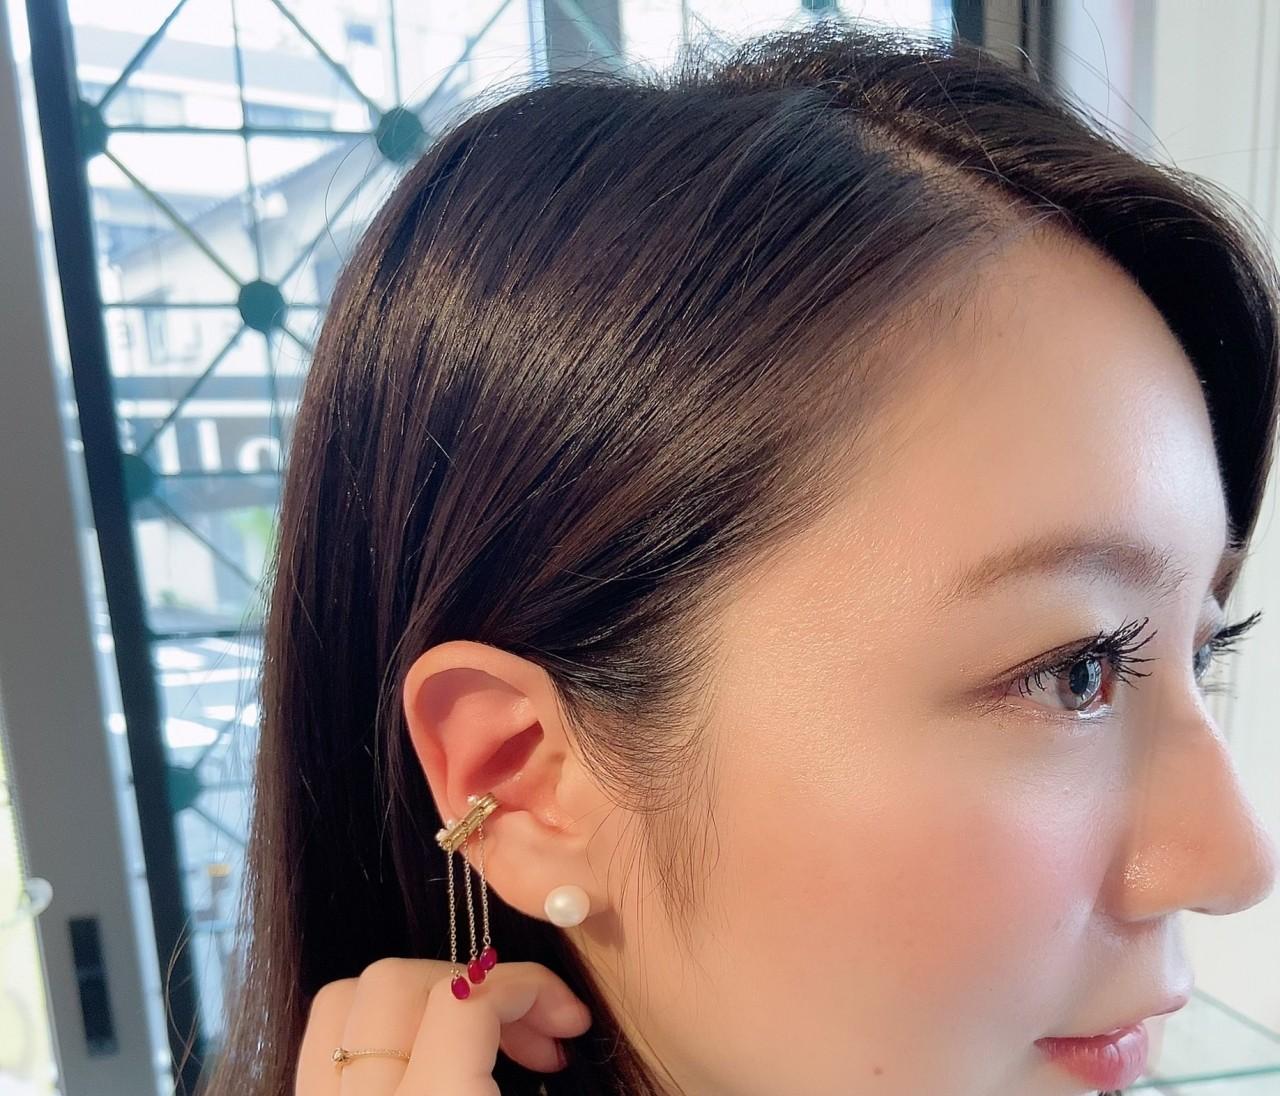 流行りのイヤカフはプチプラで♡おすすめECサイト!